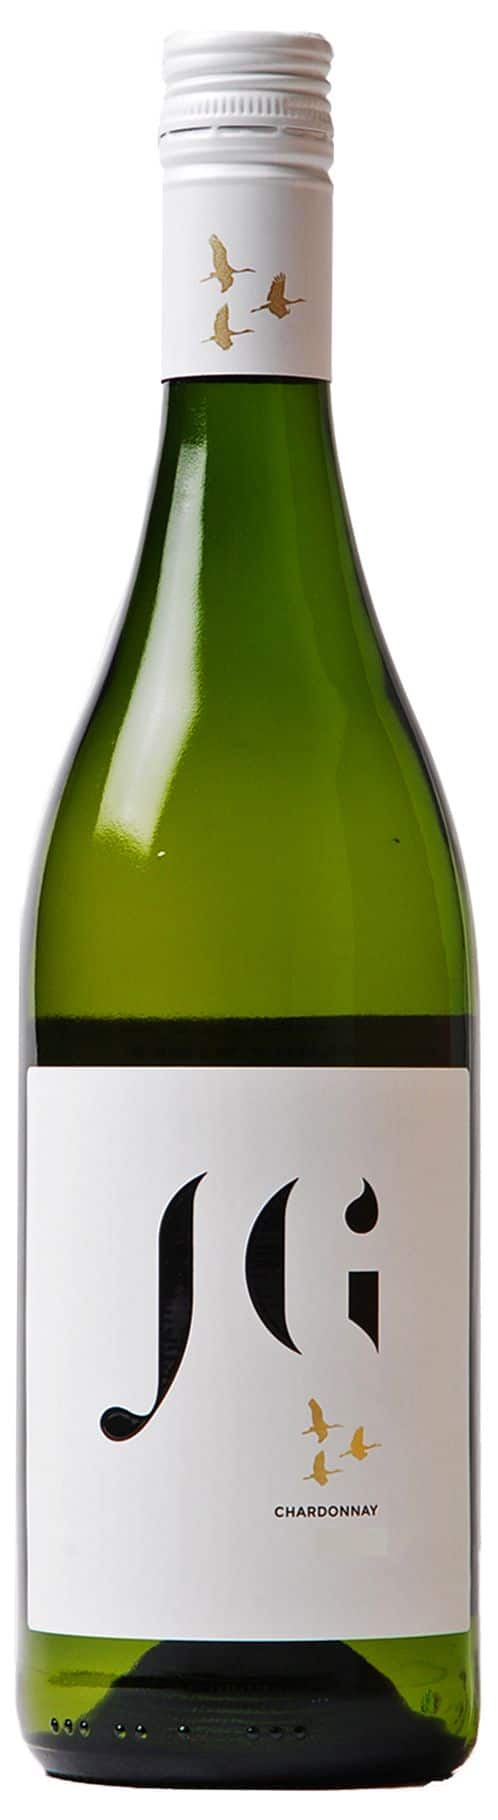 Jg Chardonnay 1